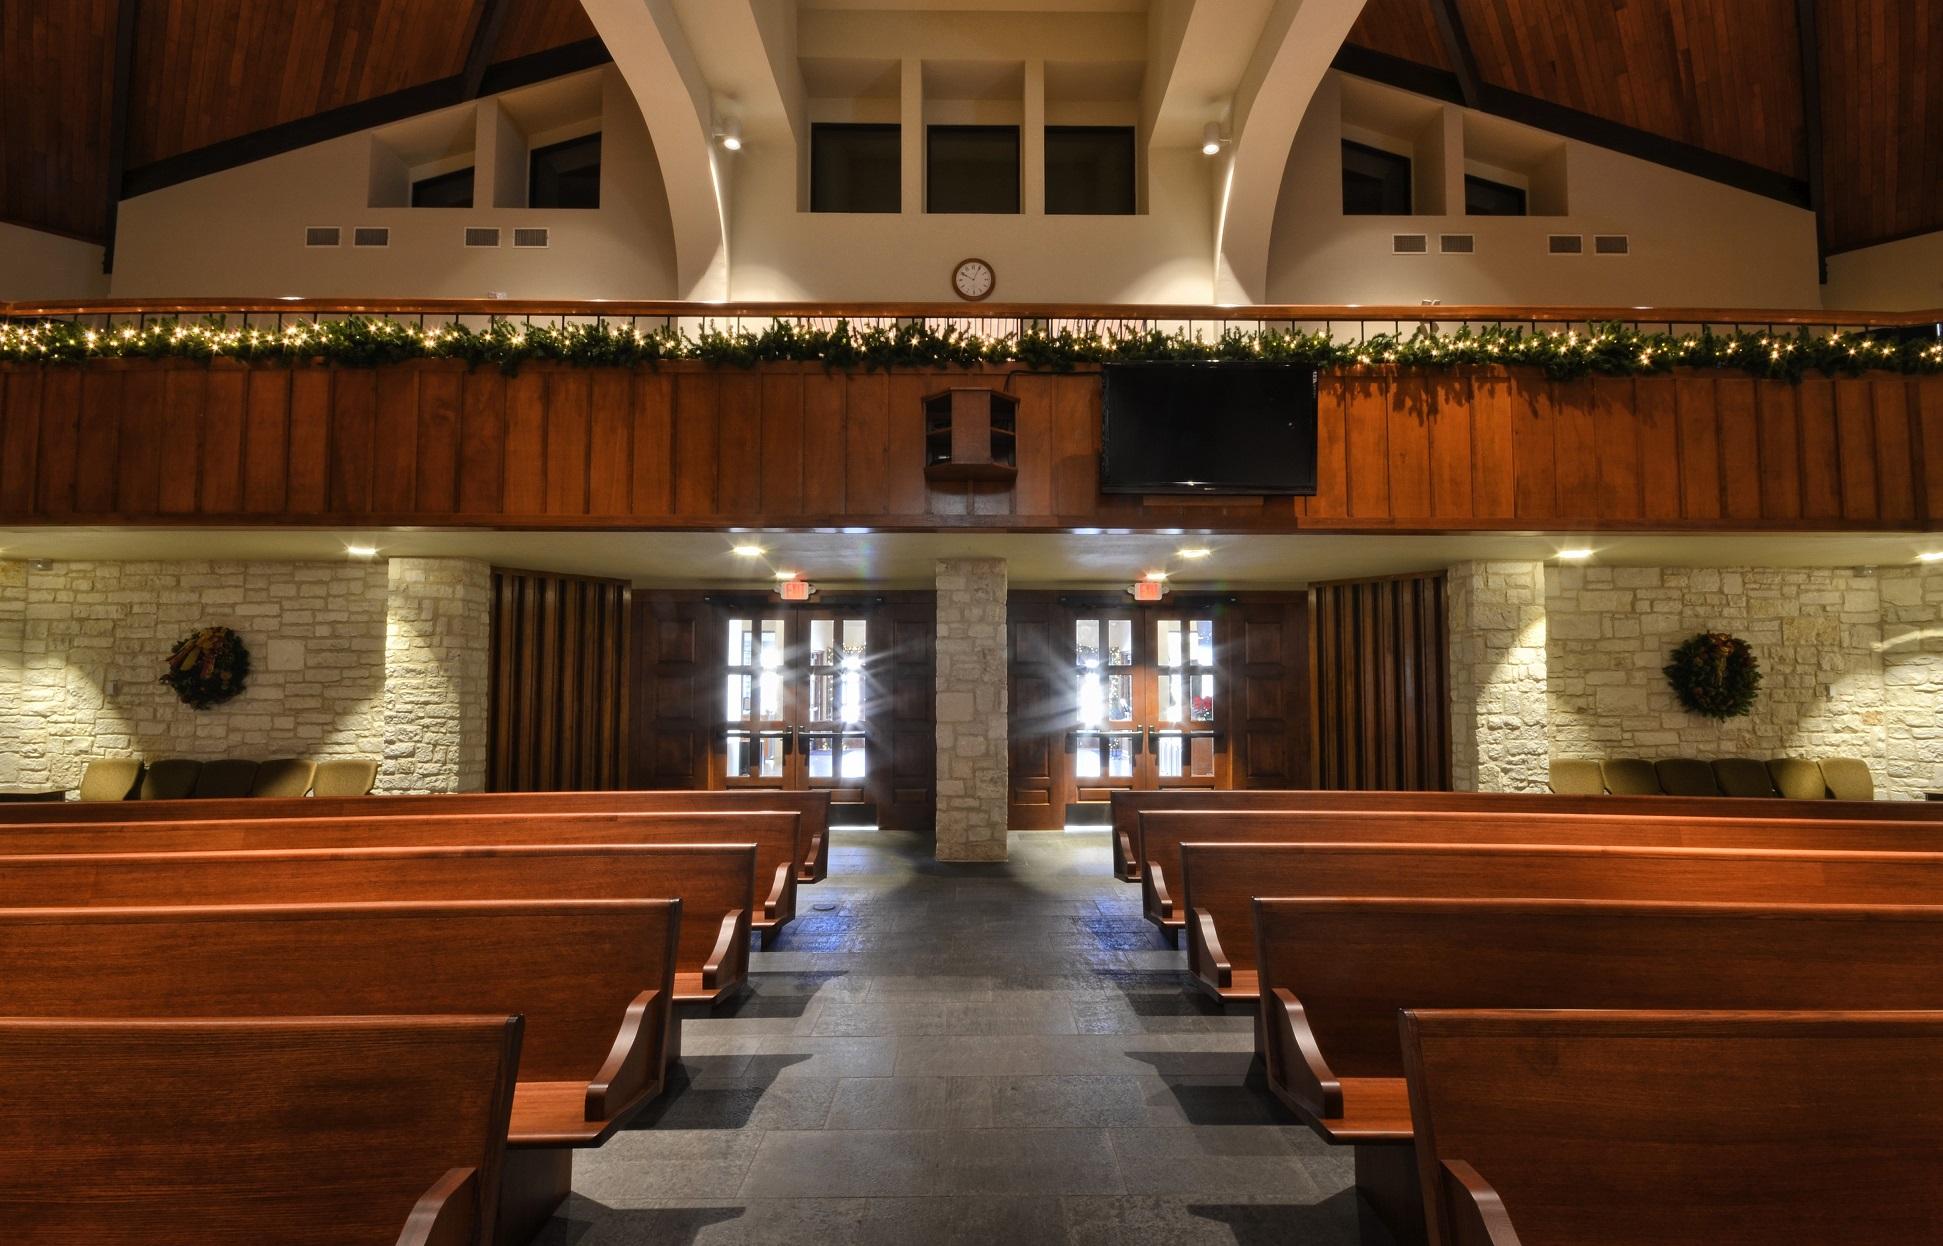 Westlake Presbytarian Church